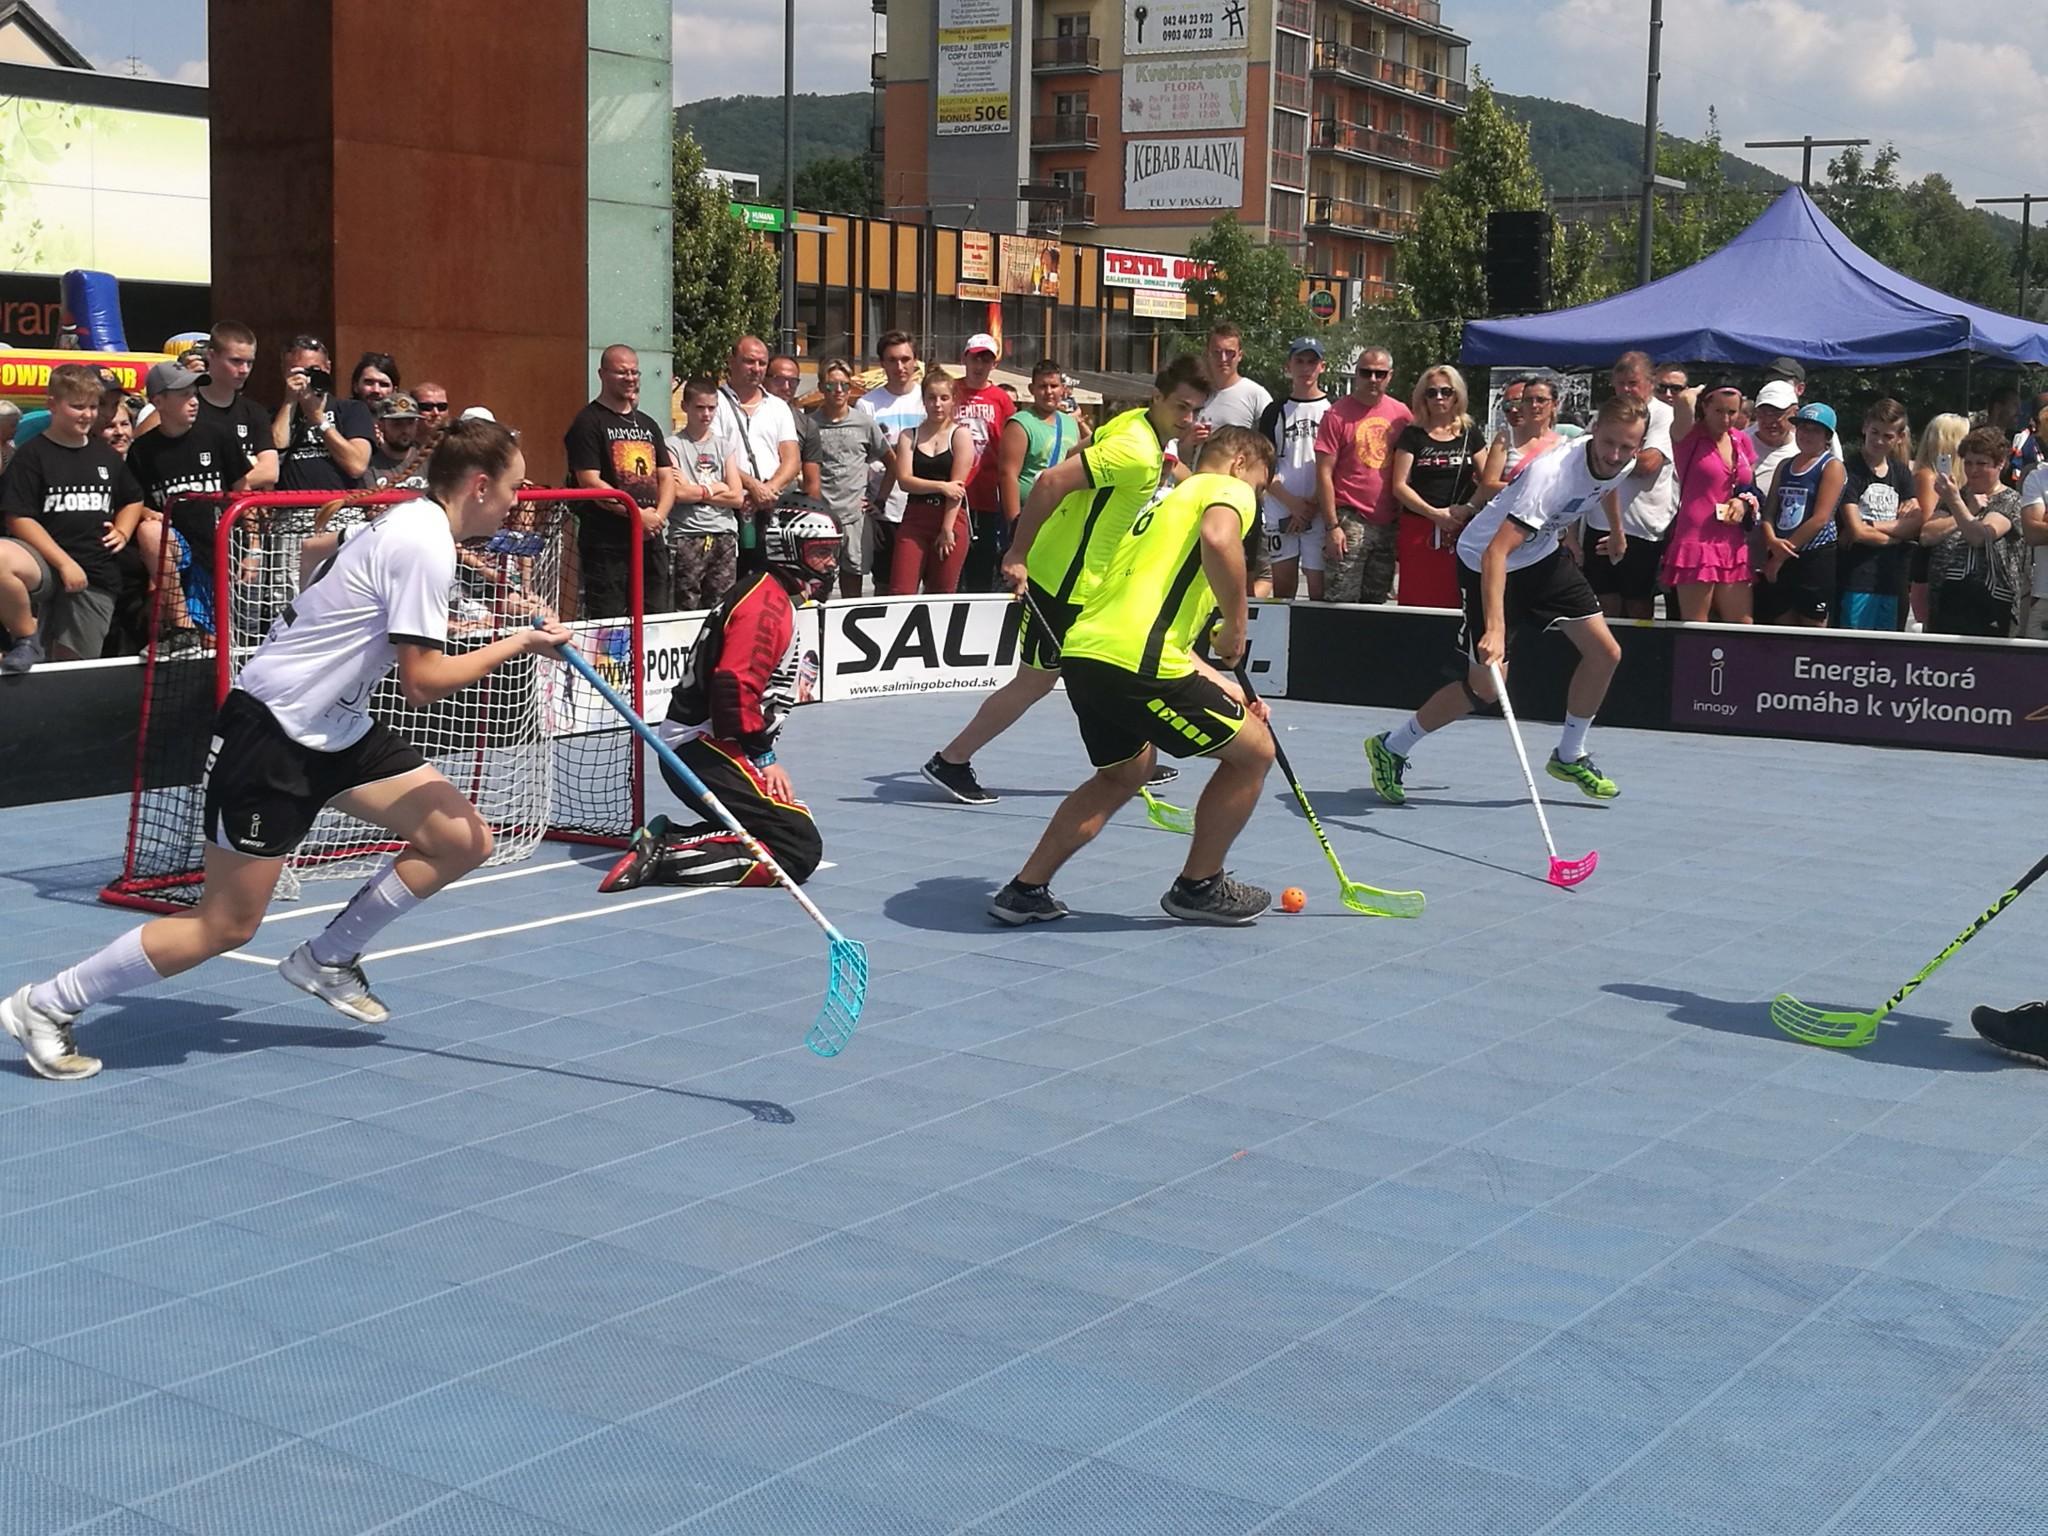 Najväčšie hviezdy hokeja si zmerali sily s florbalovými reprezentantmi na exhibičnom zápase v Dubnici nad Váhom.